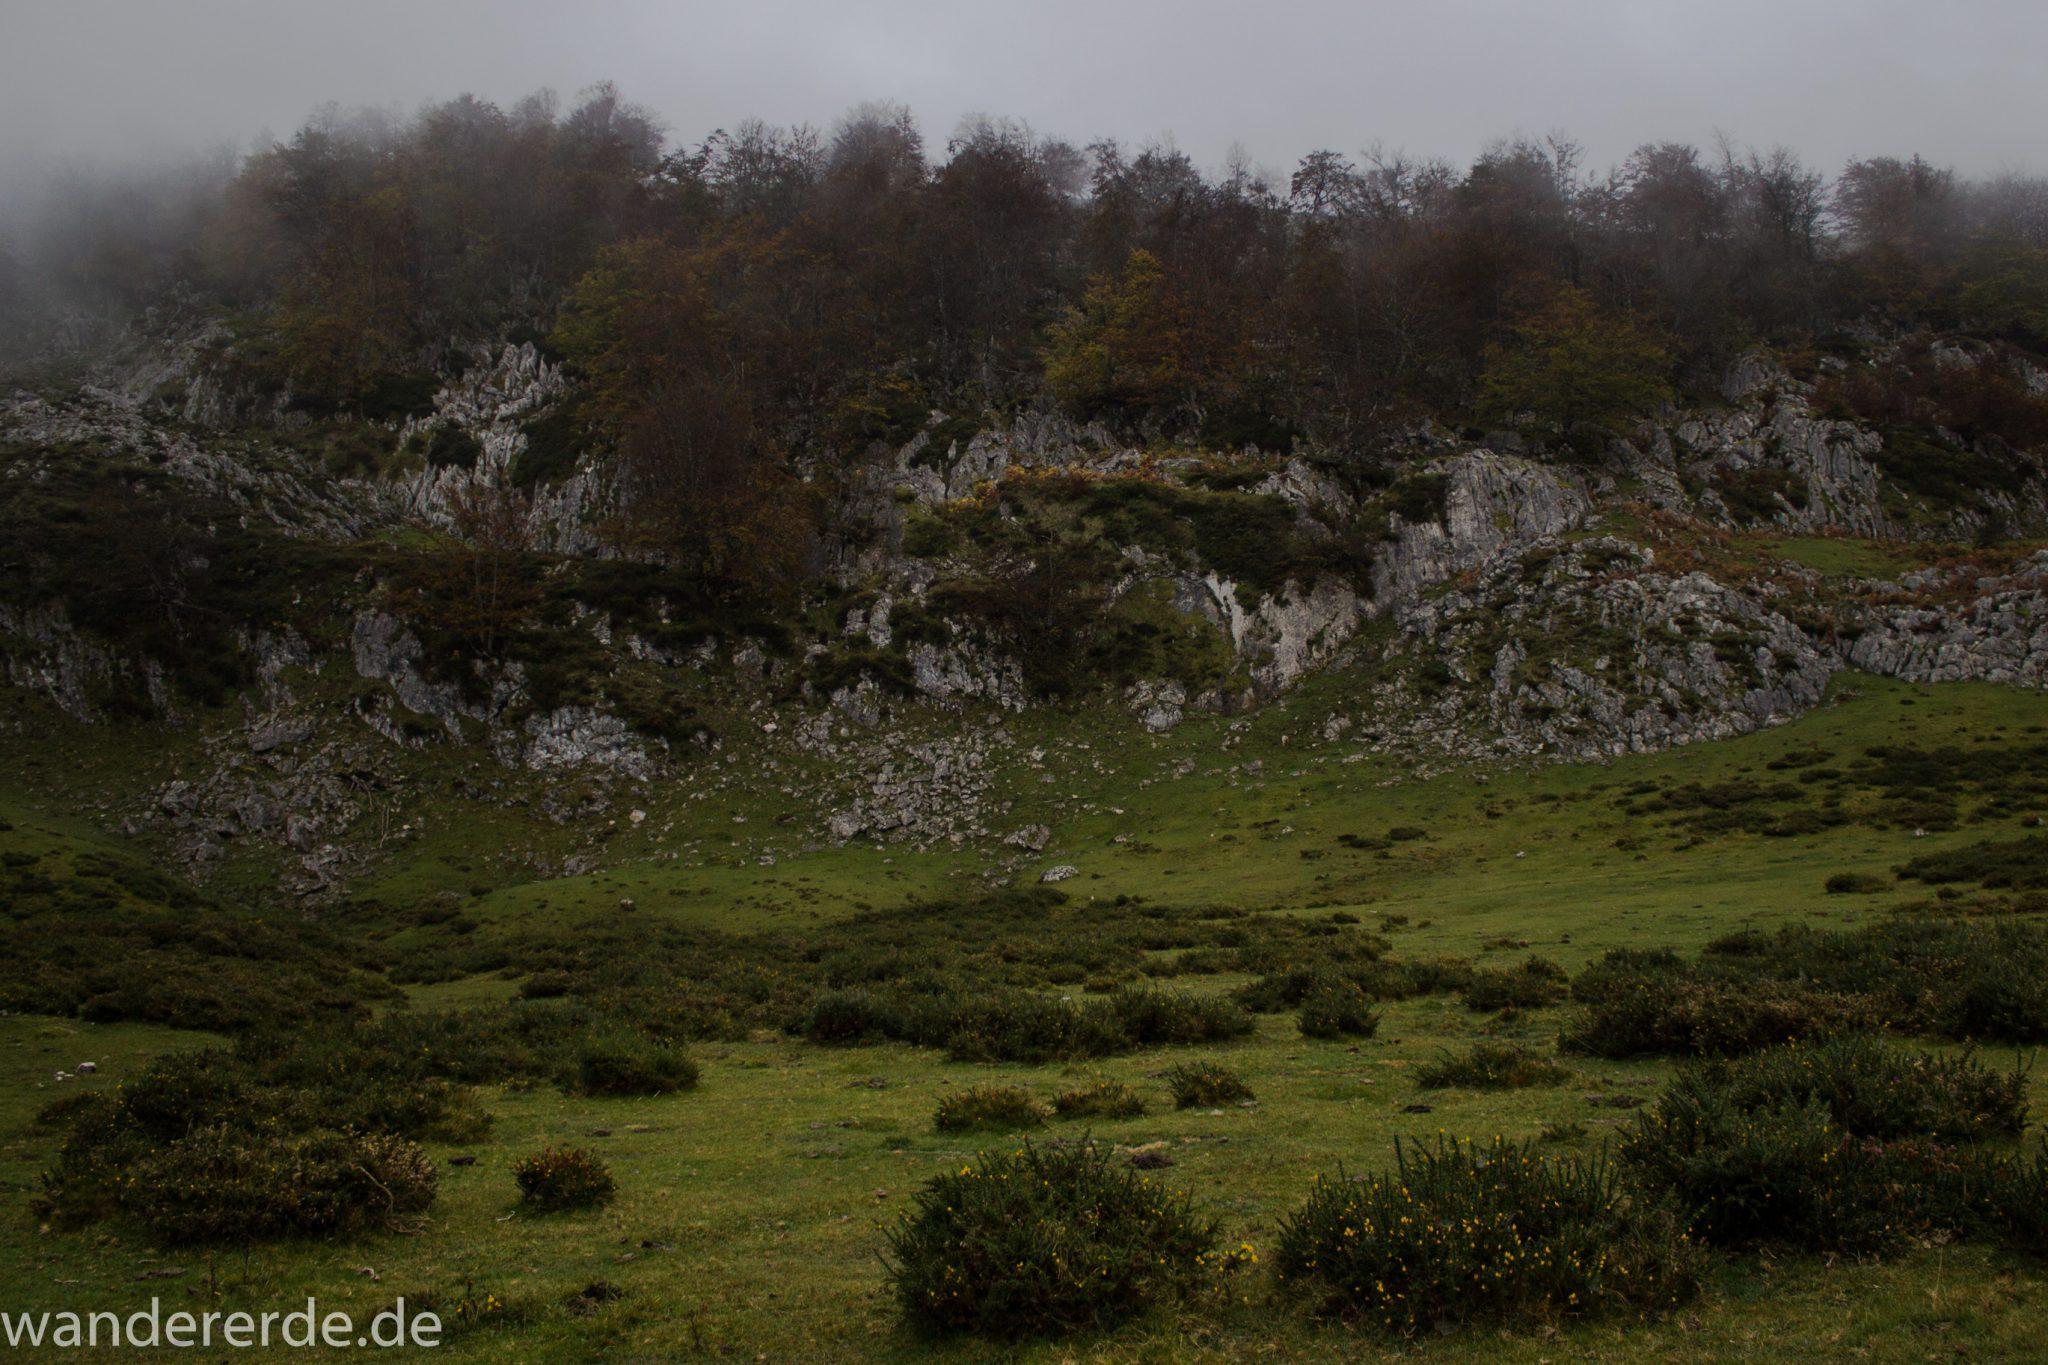 Wanderung Vega de Ario Picos de Europa Spanien, dichte Wolken, Bergregion in Nordspanien, Wandern, atmosphärisch, saftig grüne Wiese, Büsche und Bäume, zerklüftete Felsen